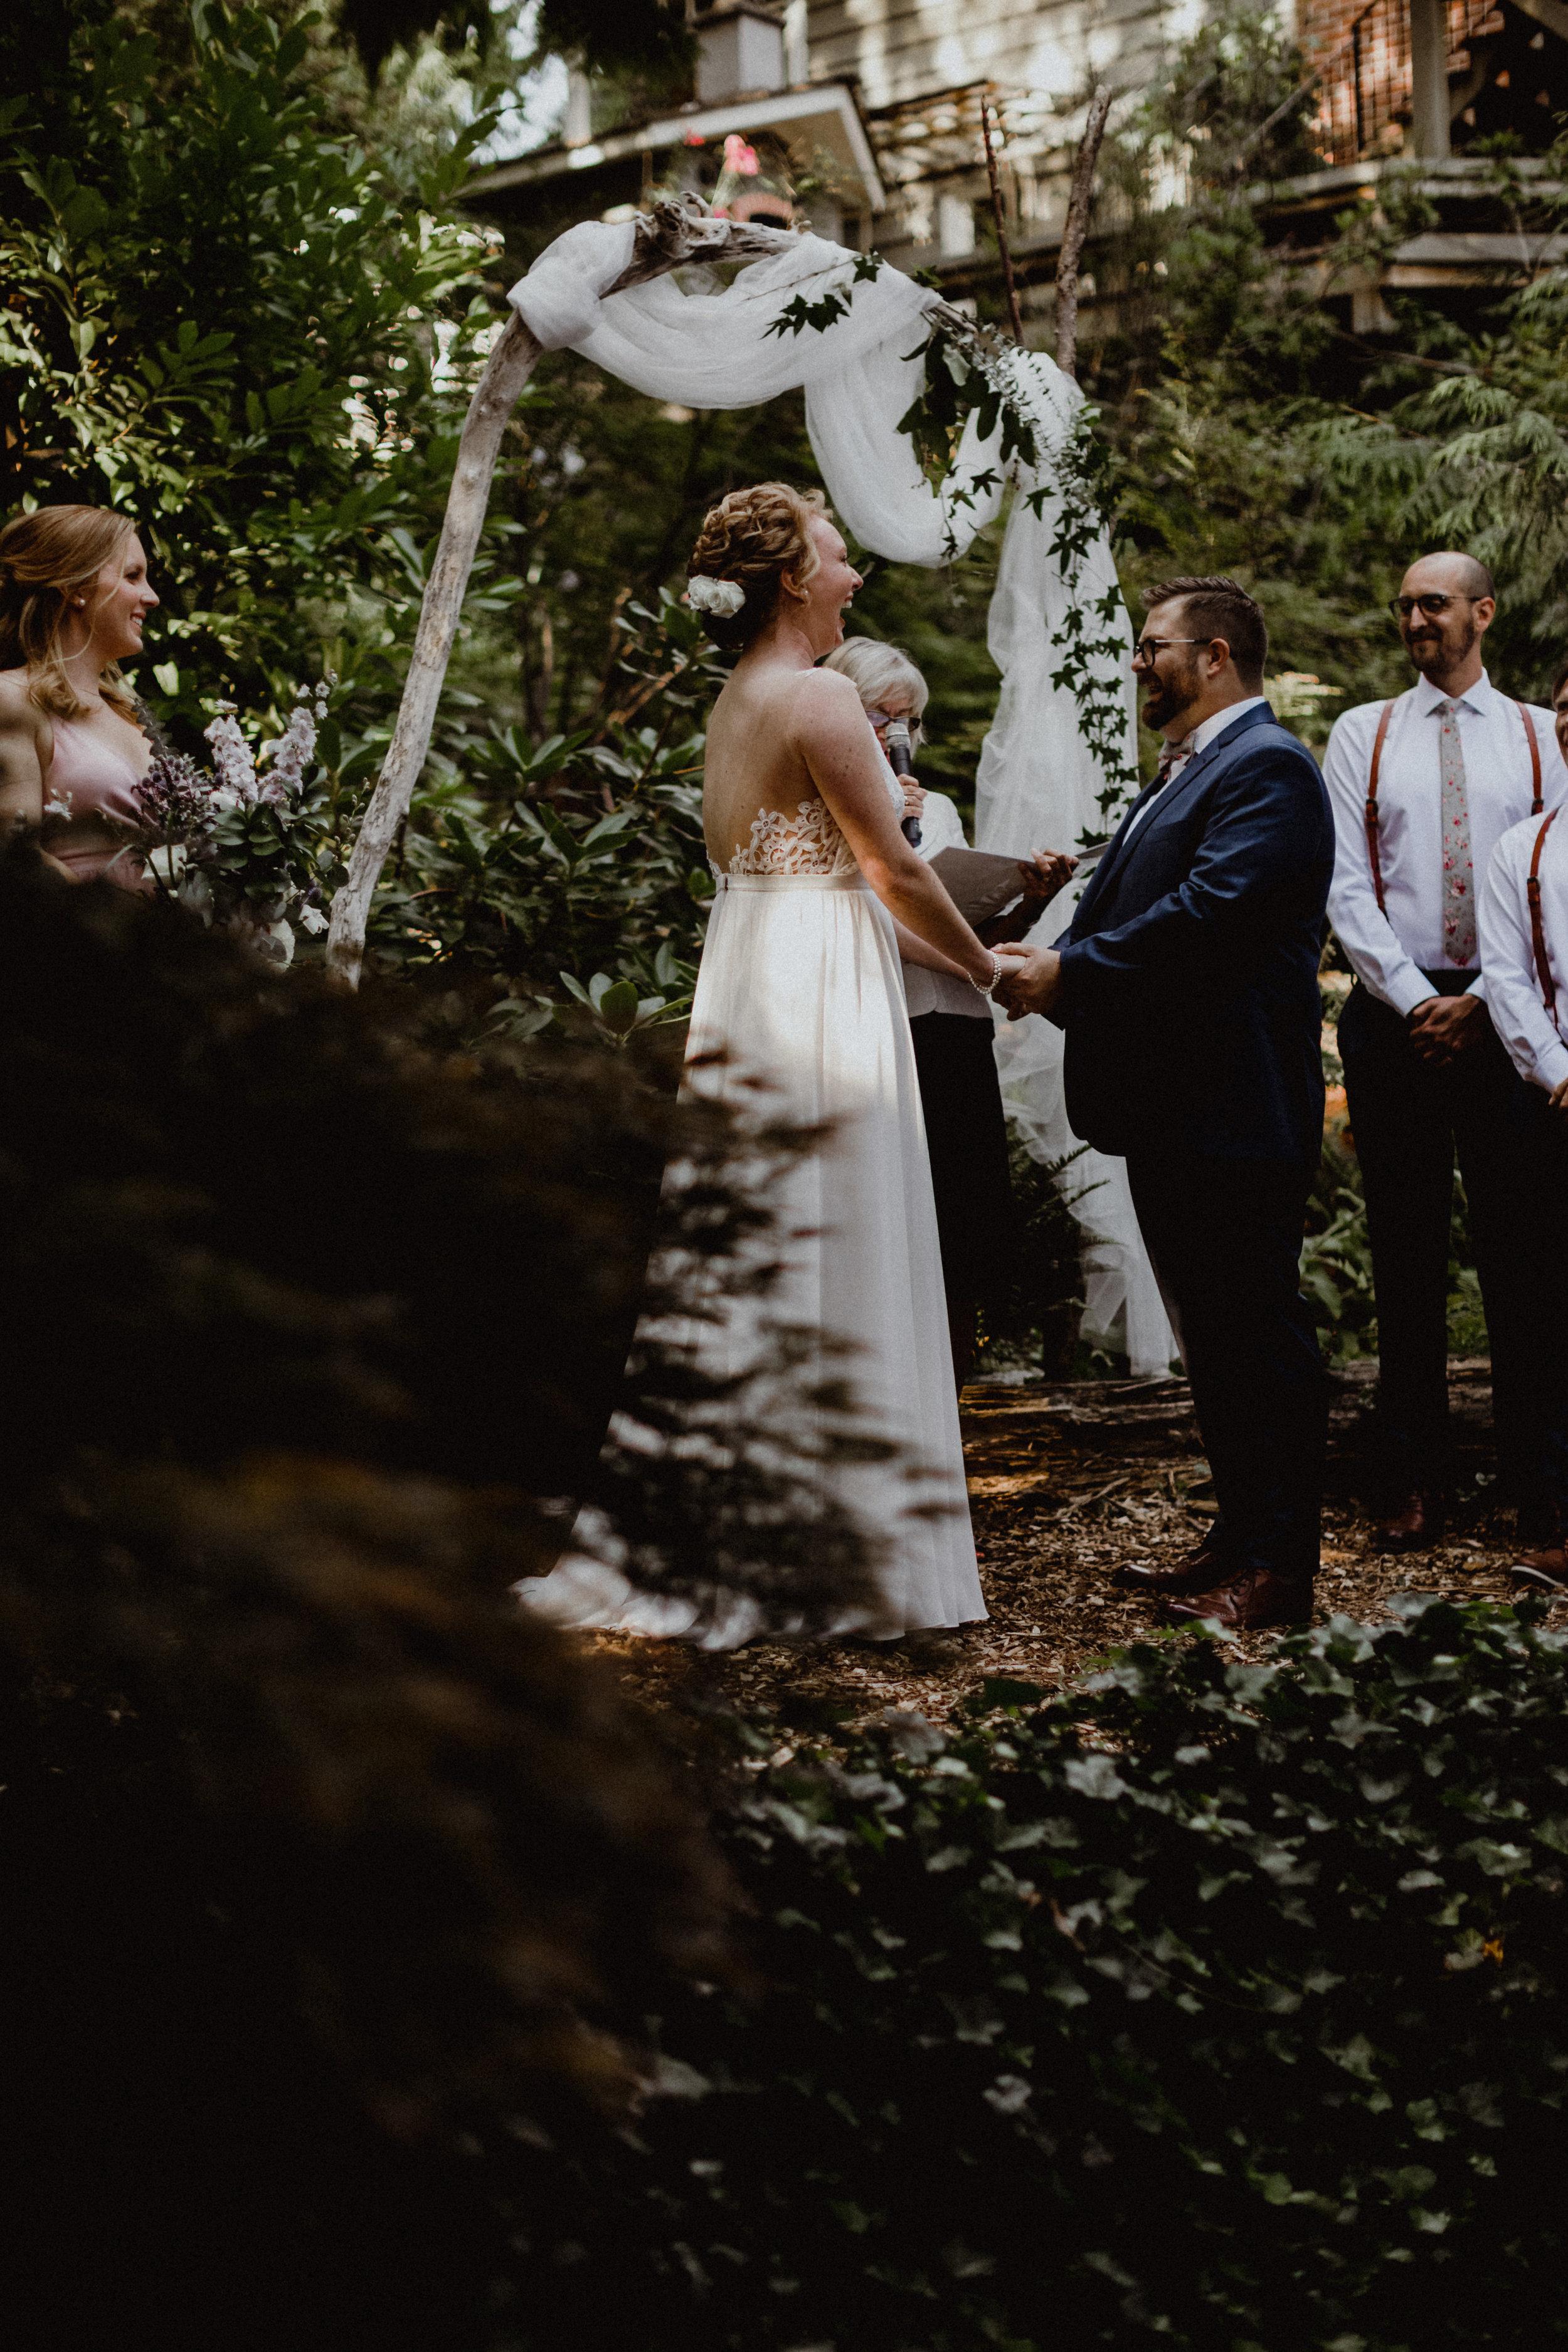 west-vancouver-backyard-wedding-101.jpg